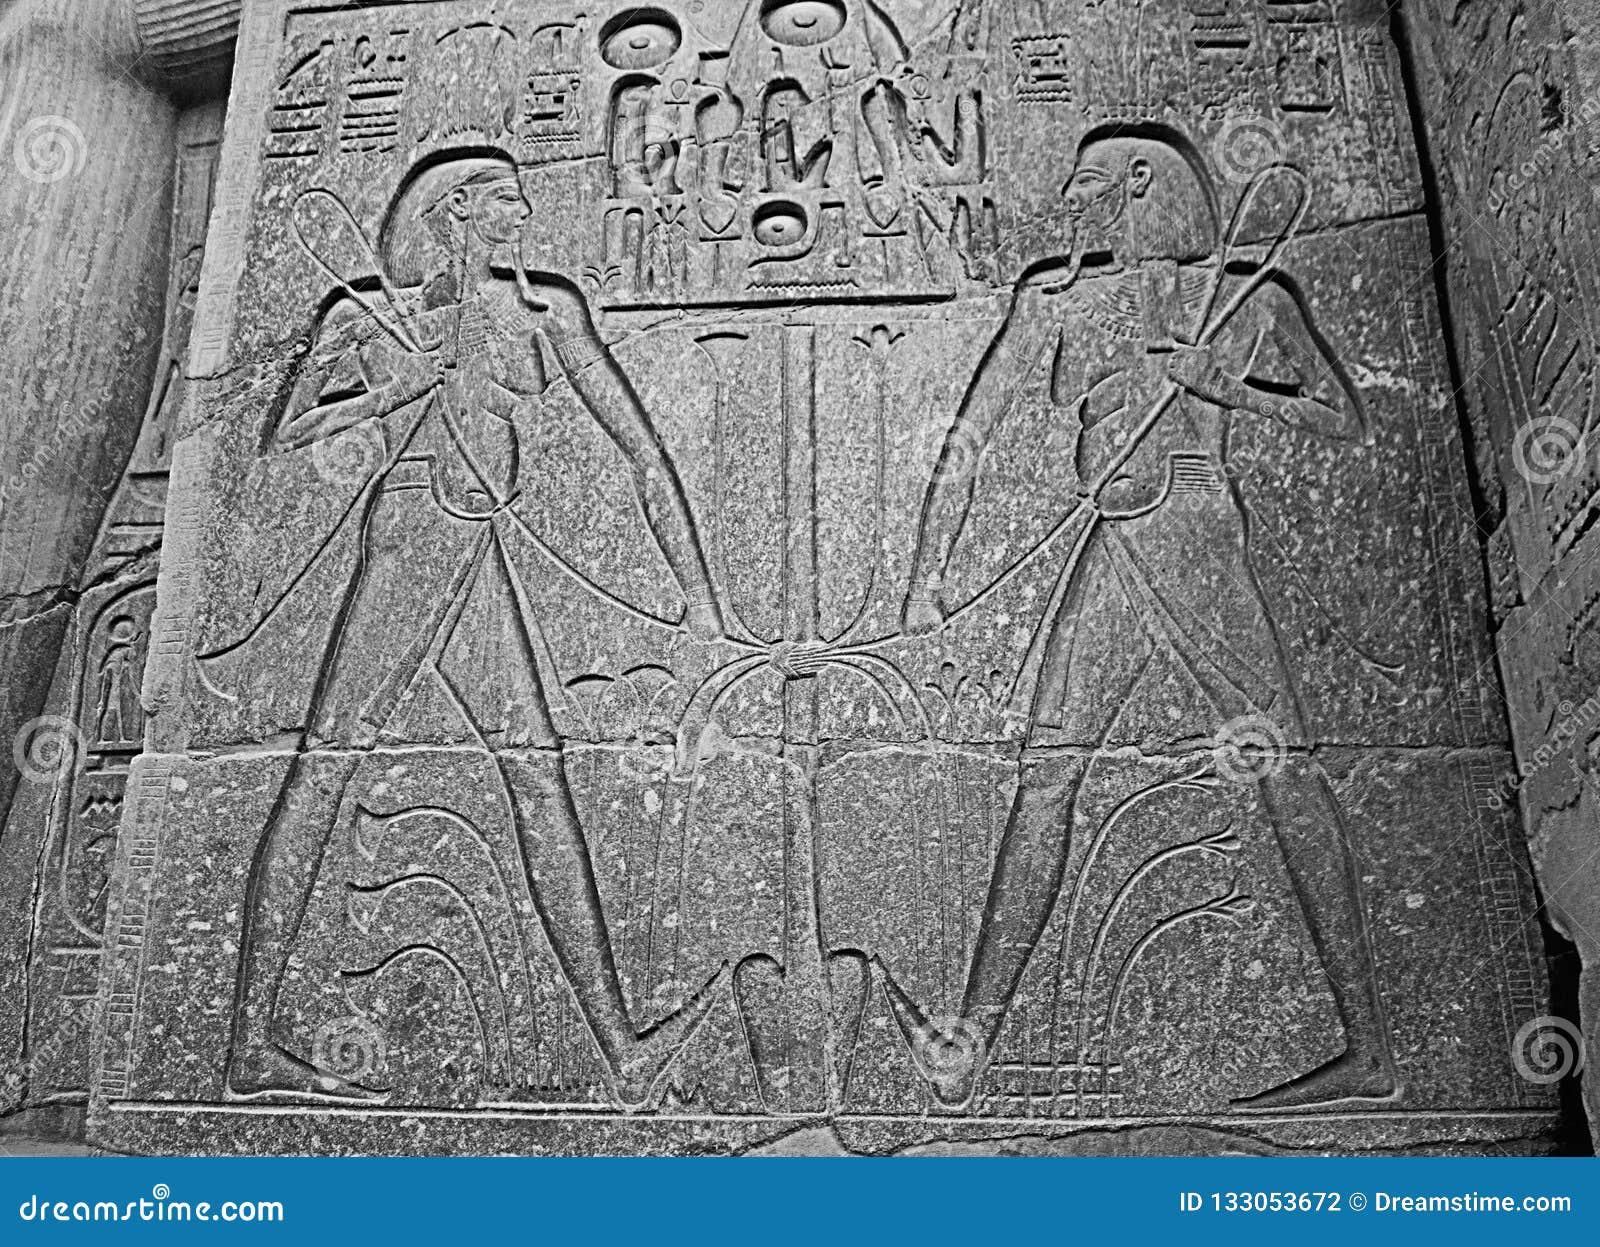 Ägyptische Hieroglyphen auf Kalksteinwand im ägyptischen Tempel